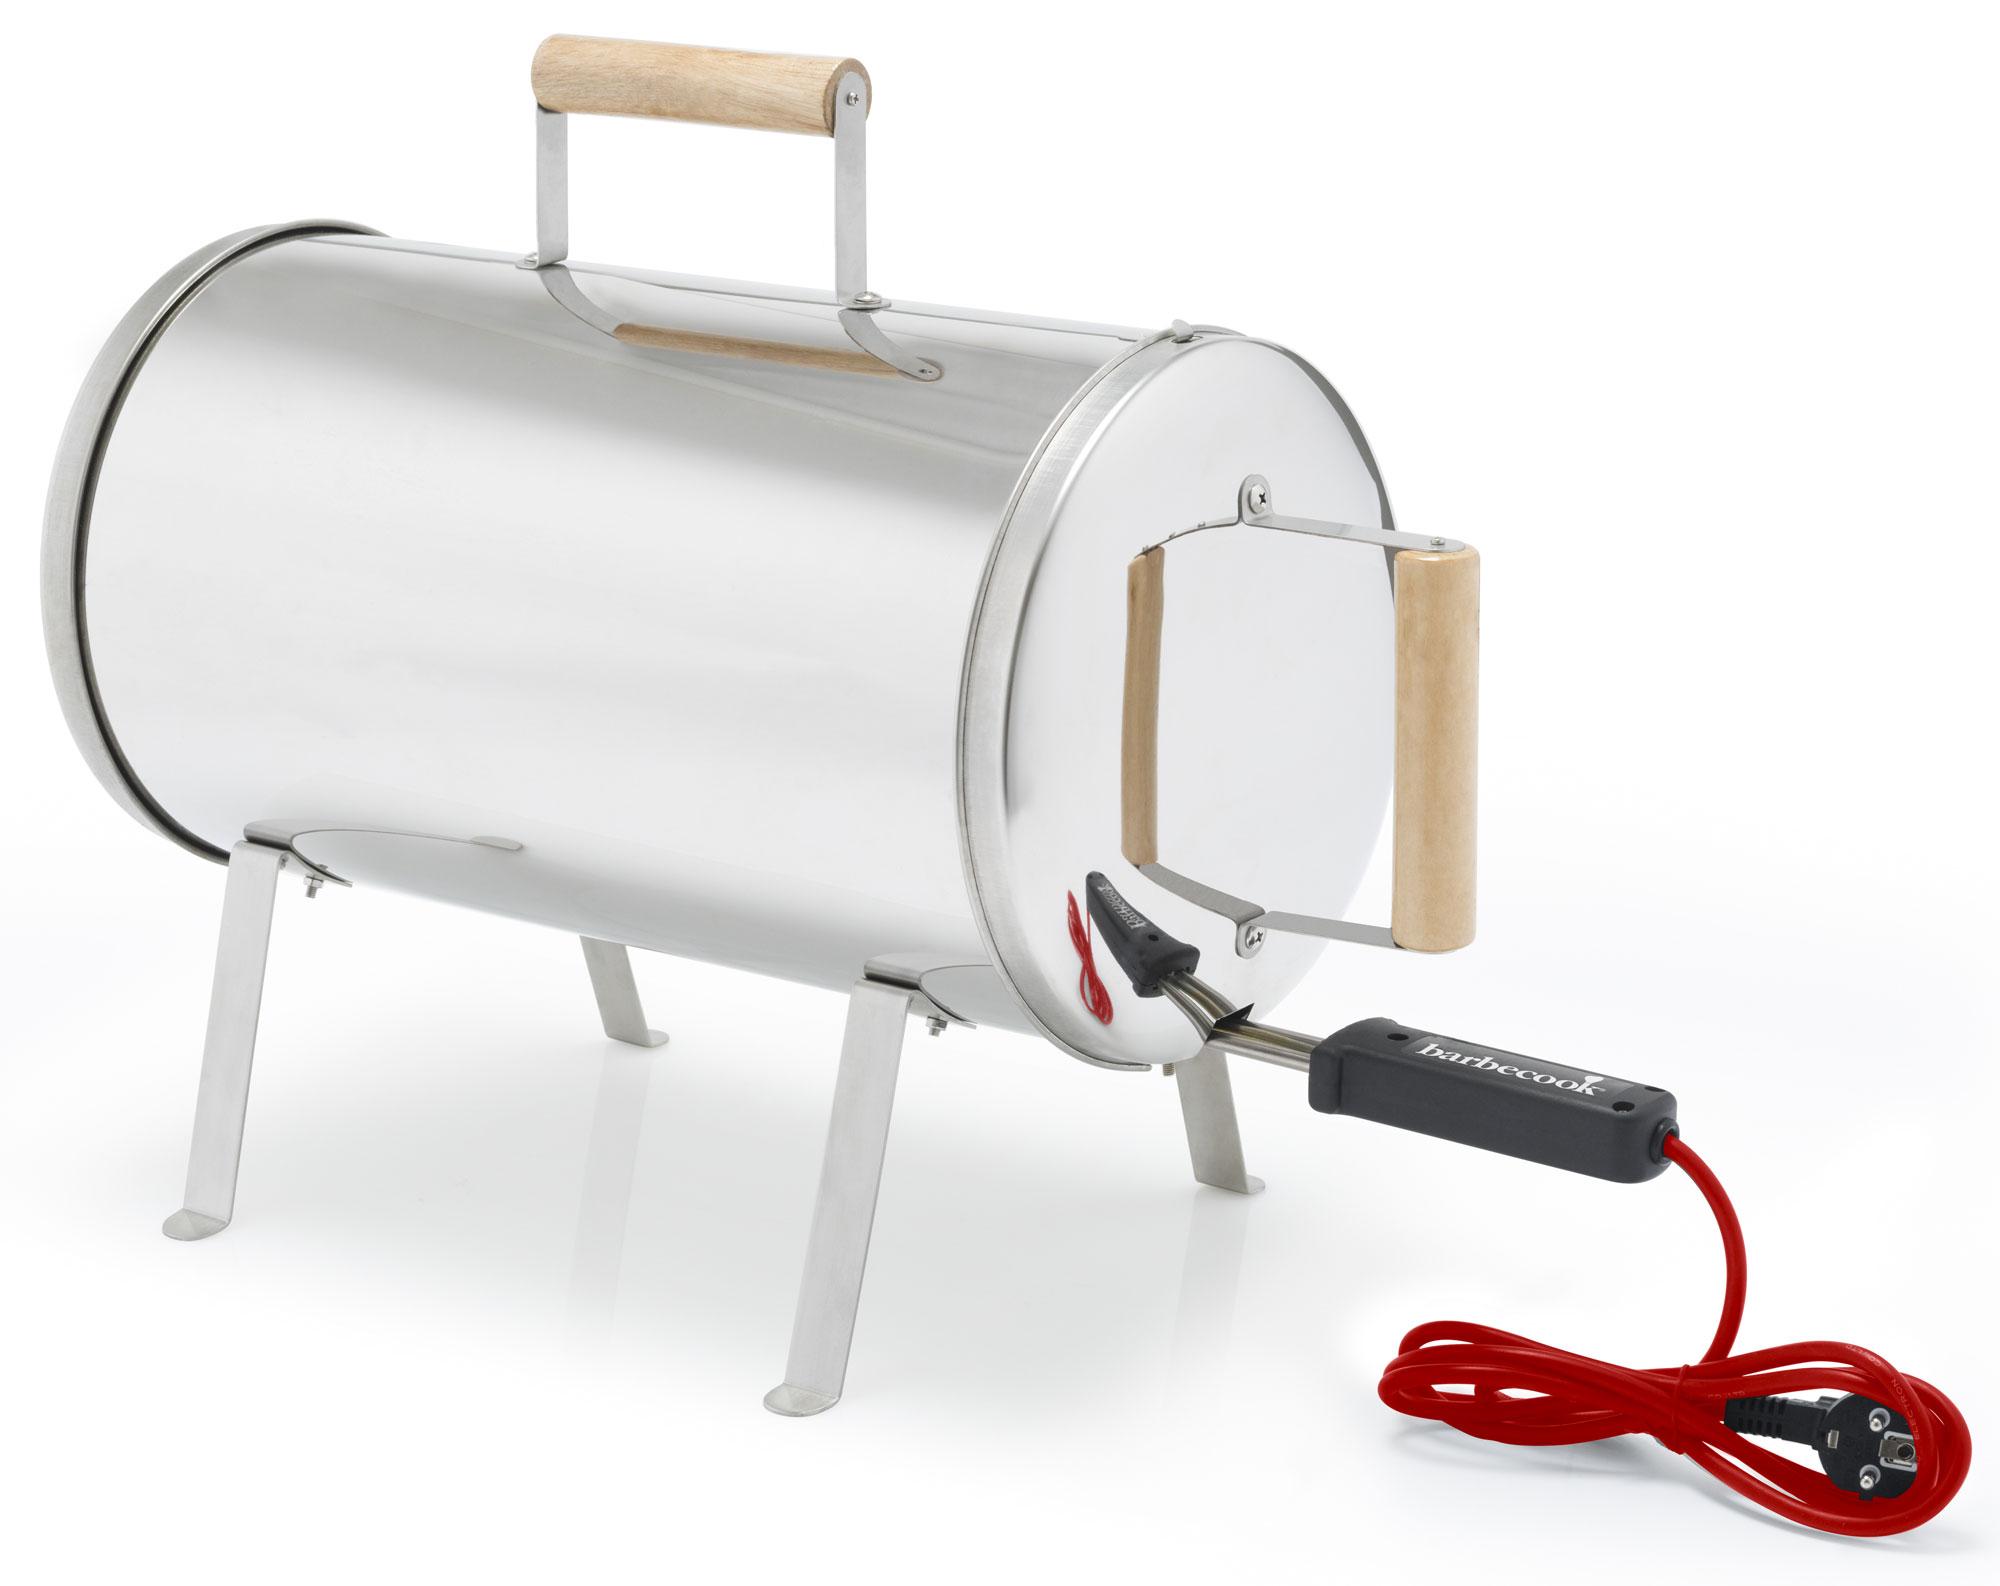 Räucherofen / Elektroräucherofen barbecook Otto Stahl Bild 1